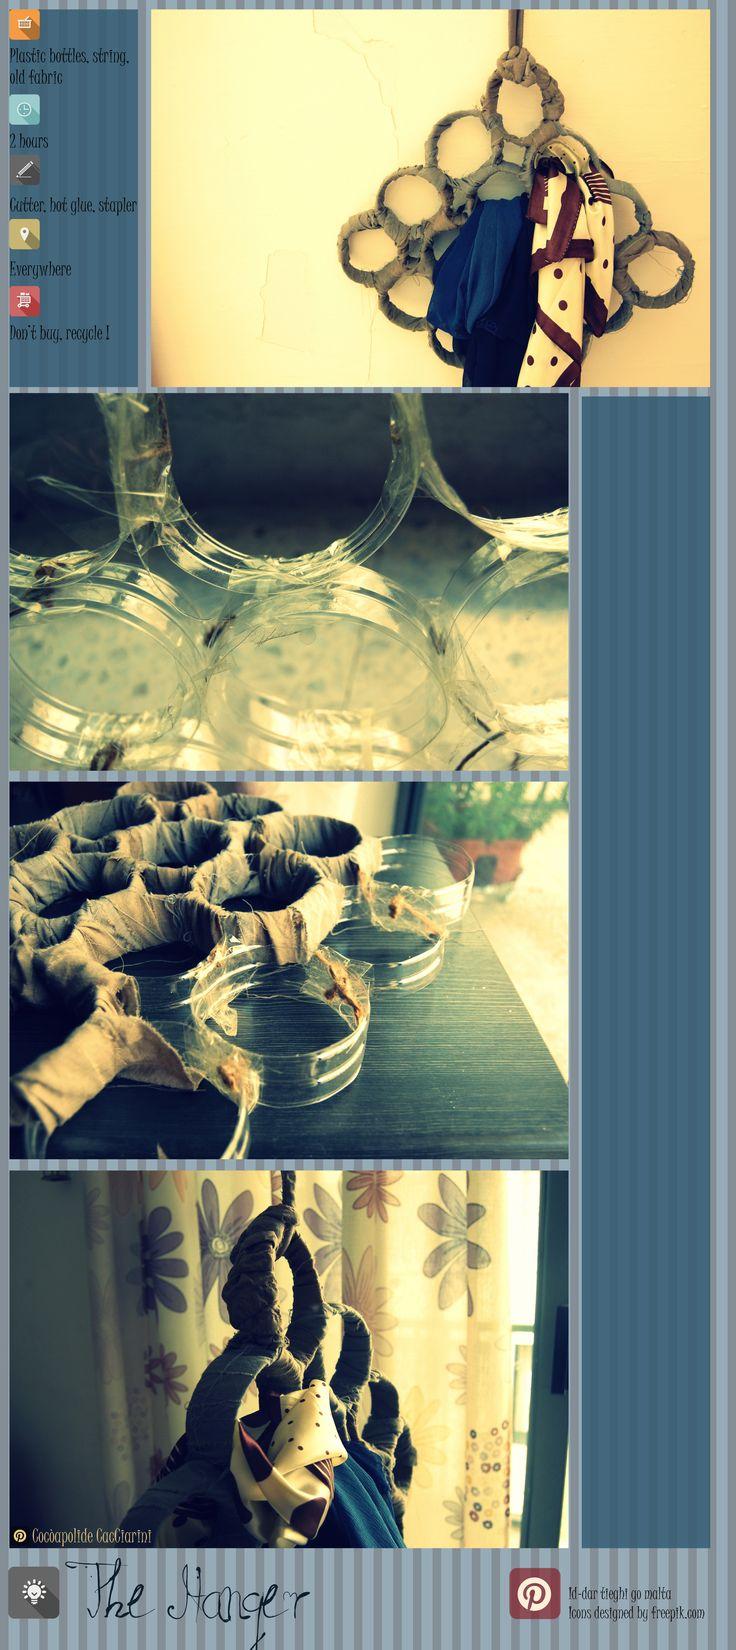 #Hanger, #DIY, #studio, #recycle, #handmade, #bricolage, #houseideas,  #bedroom,  #oldskirt,  #string,  #cutter,  #plasticbottles,  #oldfabric Ulteriore esempio di come utilizzare bottiglie di plastica. Assemblandole con spago evecchi vestiti, ho compostouna forma sempliceperappendere sciarpe e foulard.